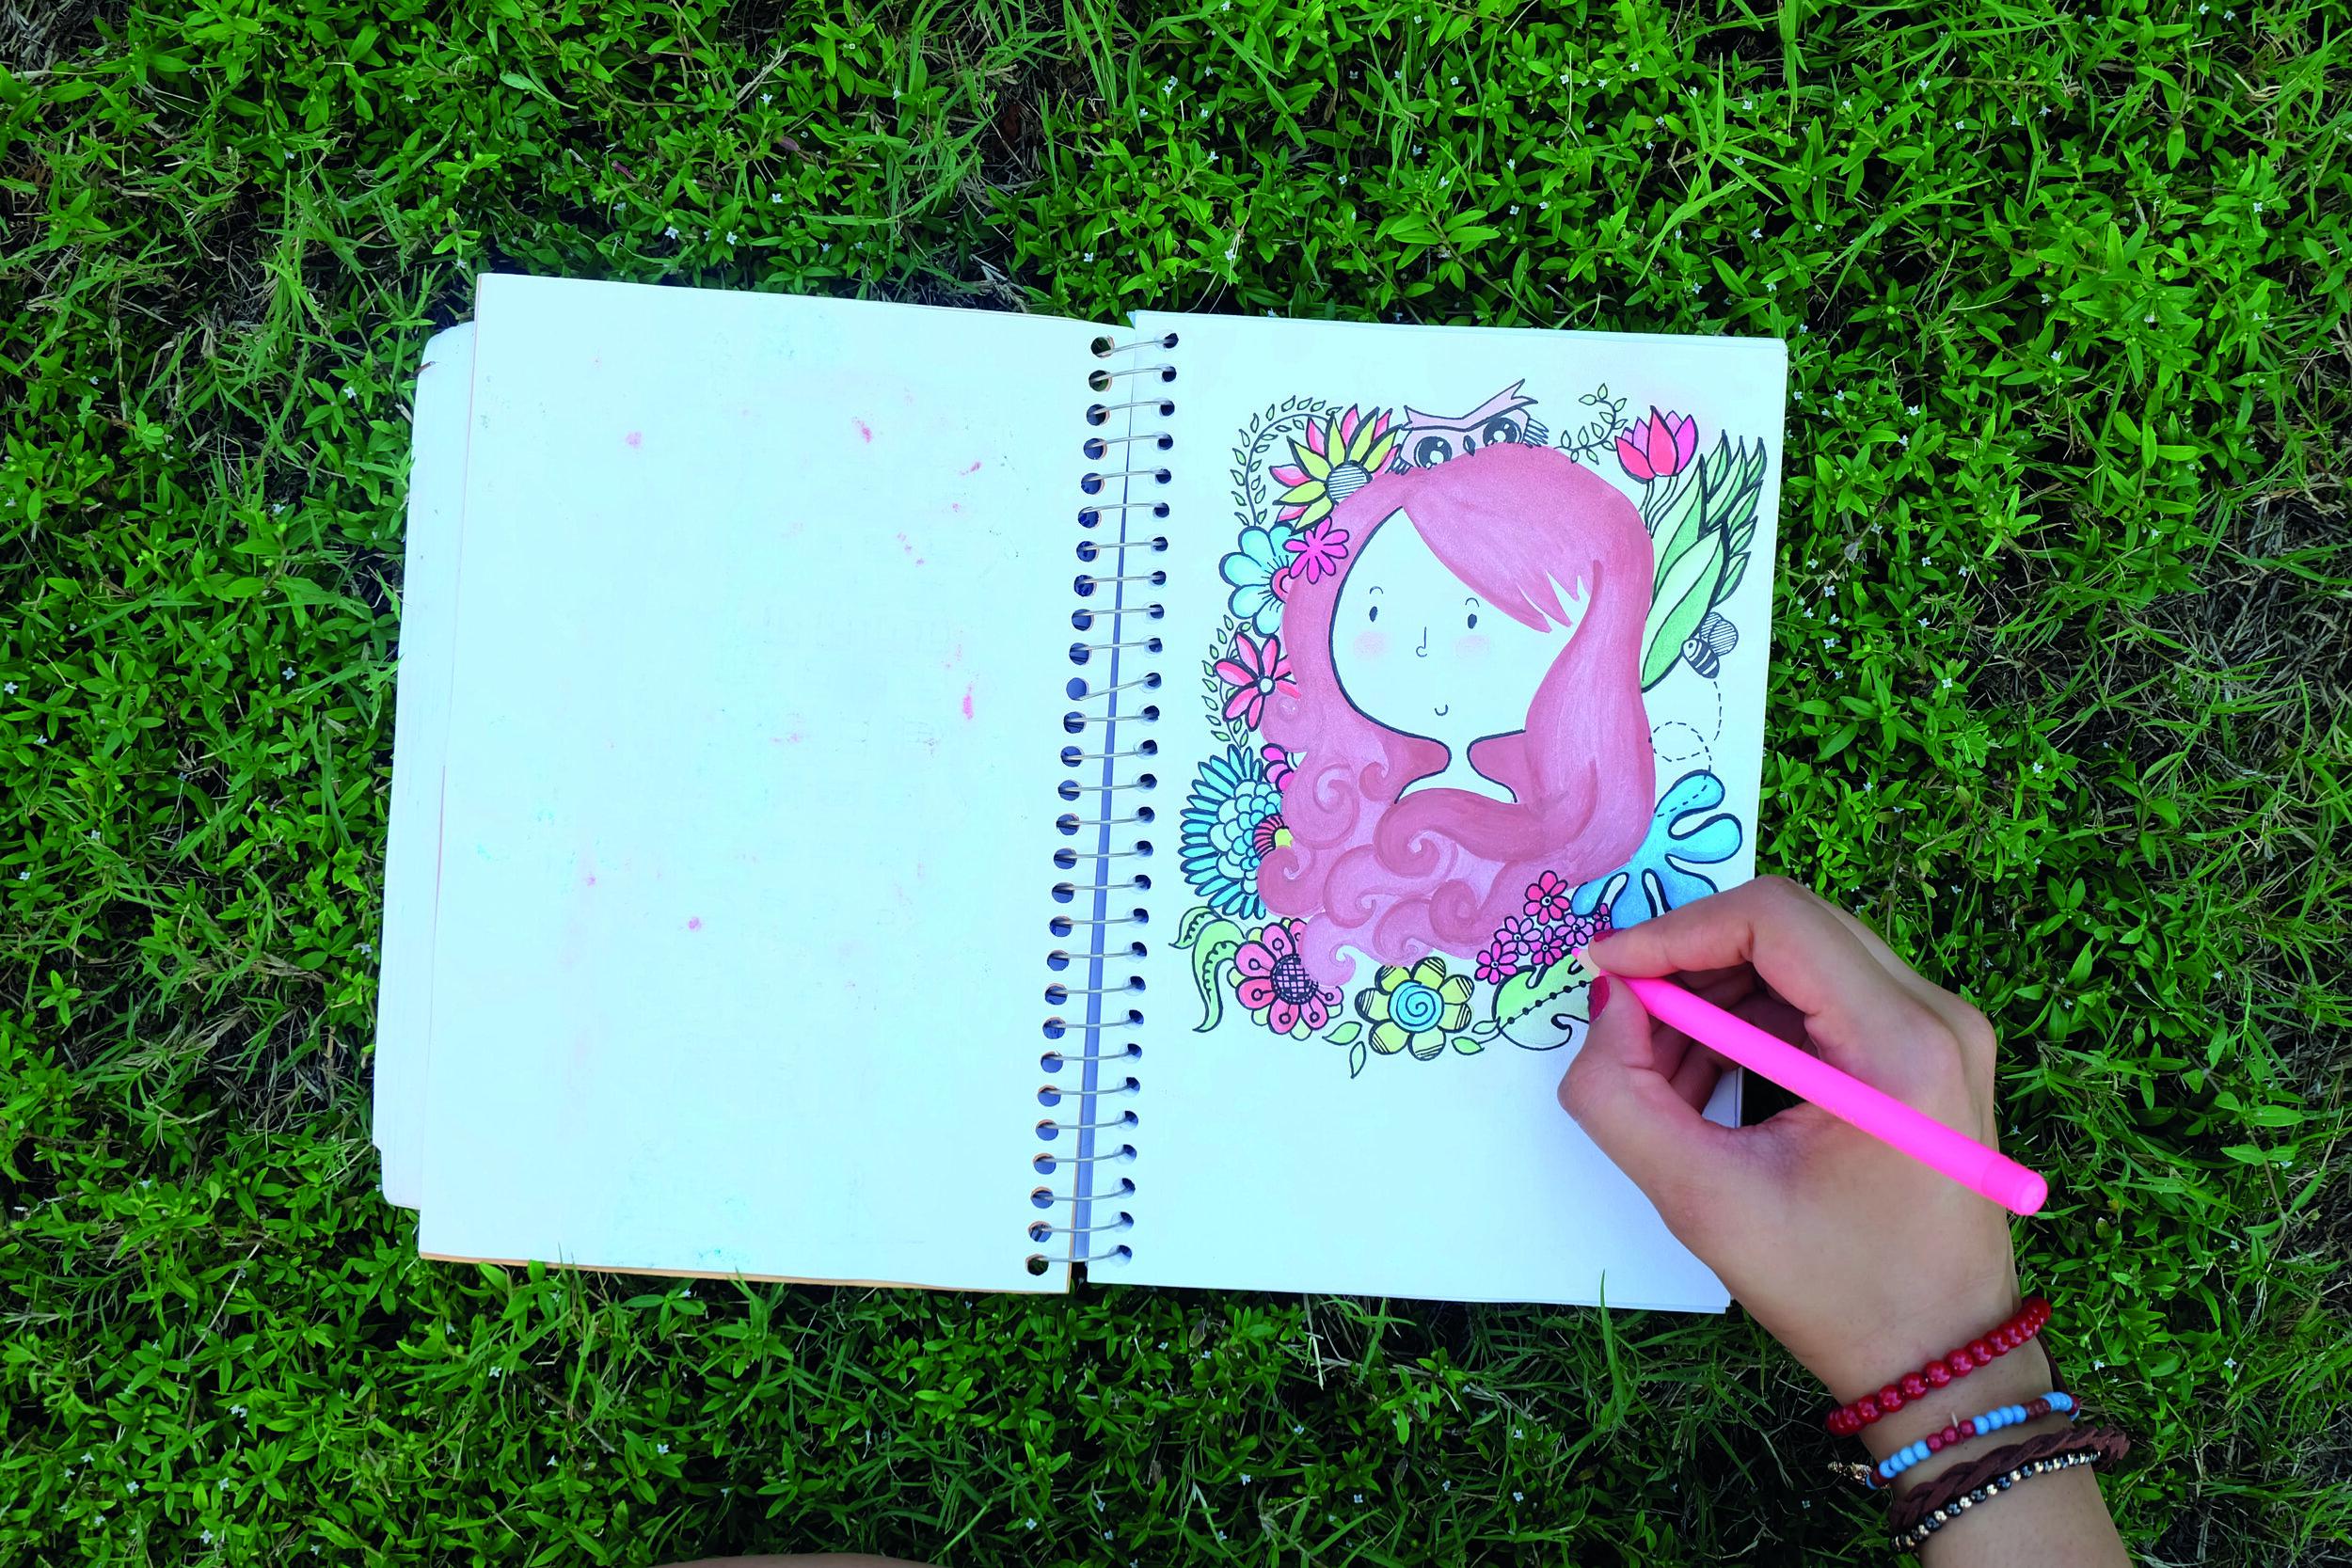 art-artist-close-up-1667341.jpg